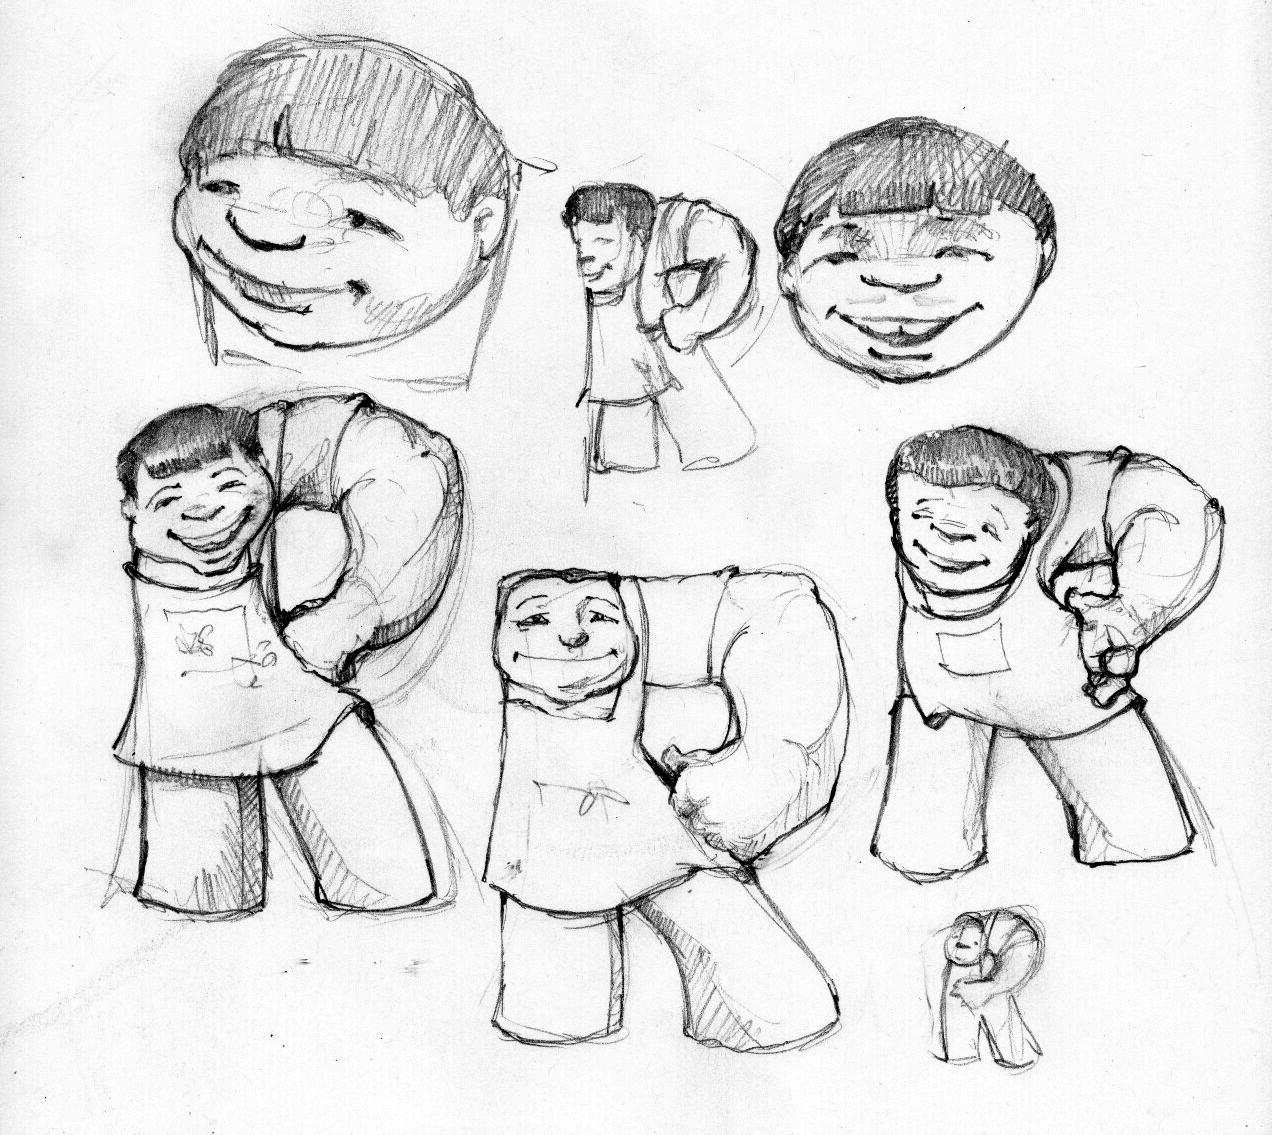 letterR_character